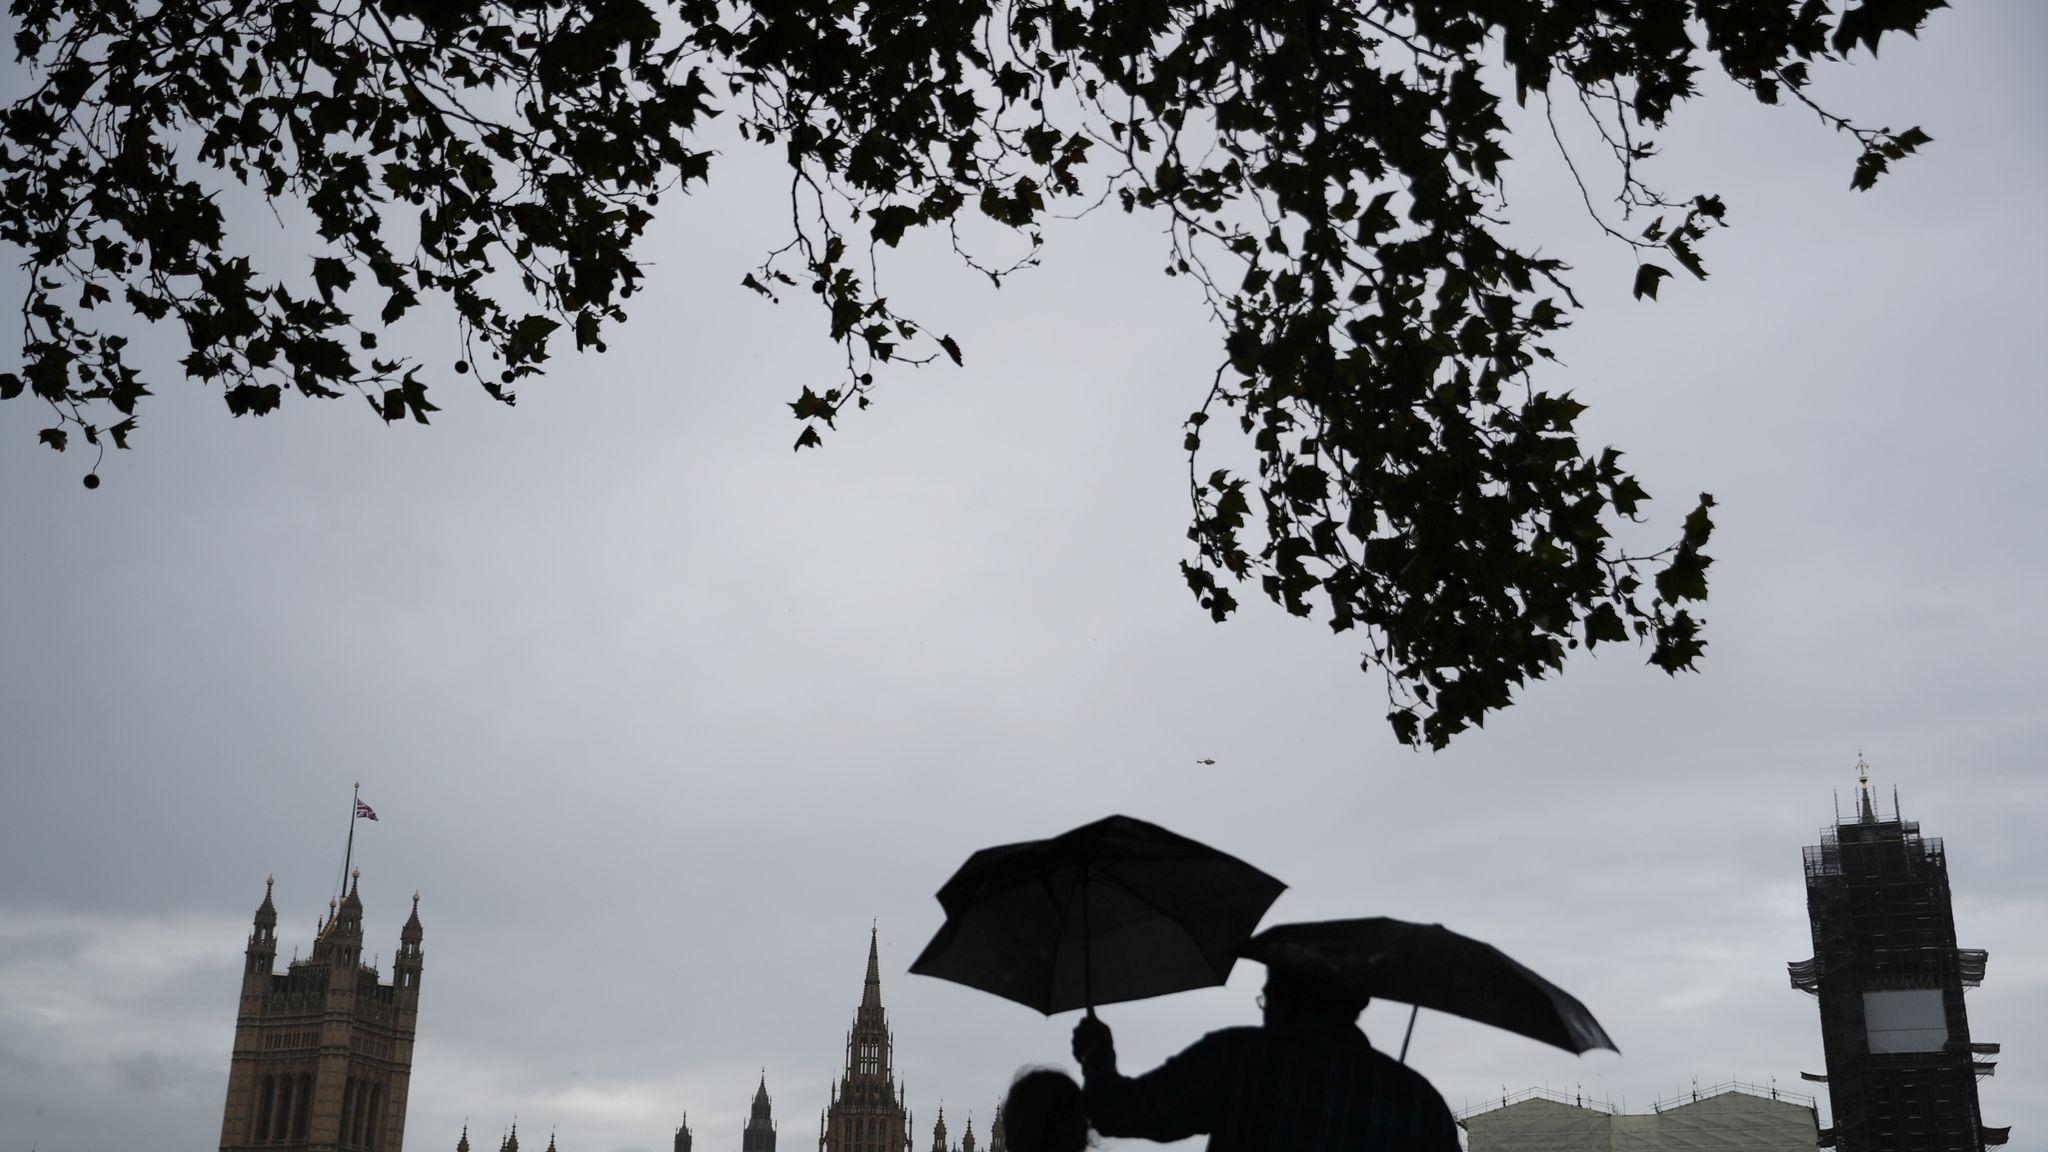 Boris Johnson's make-or-break Brexit vote: What could happen next?